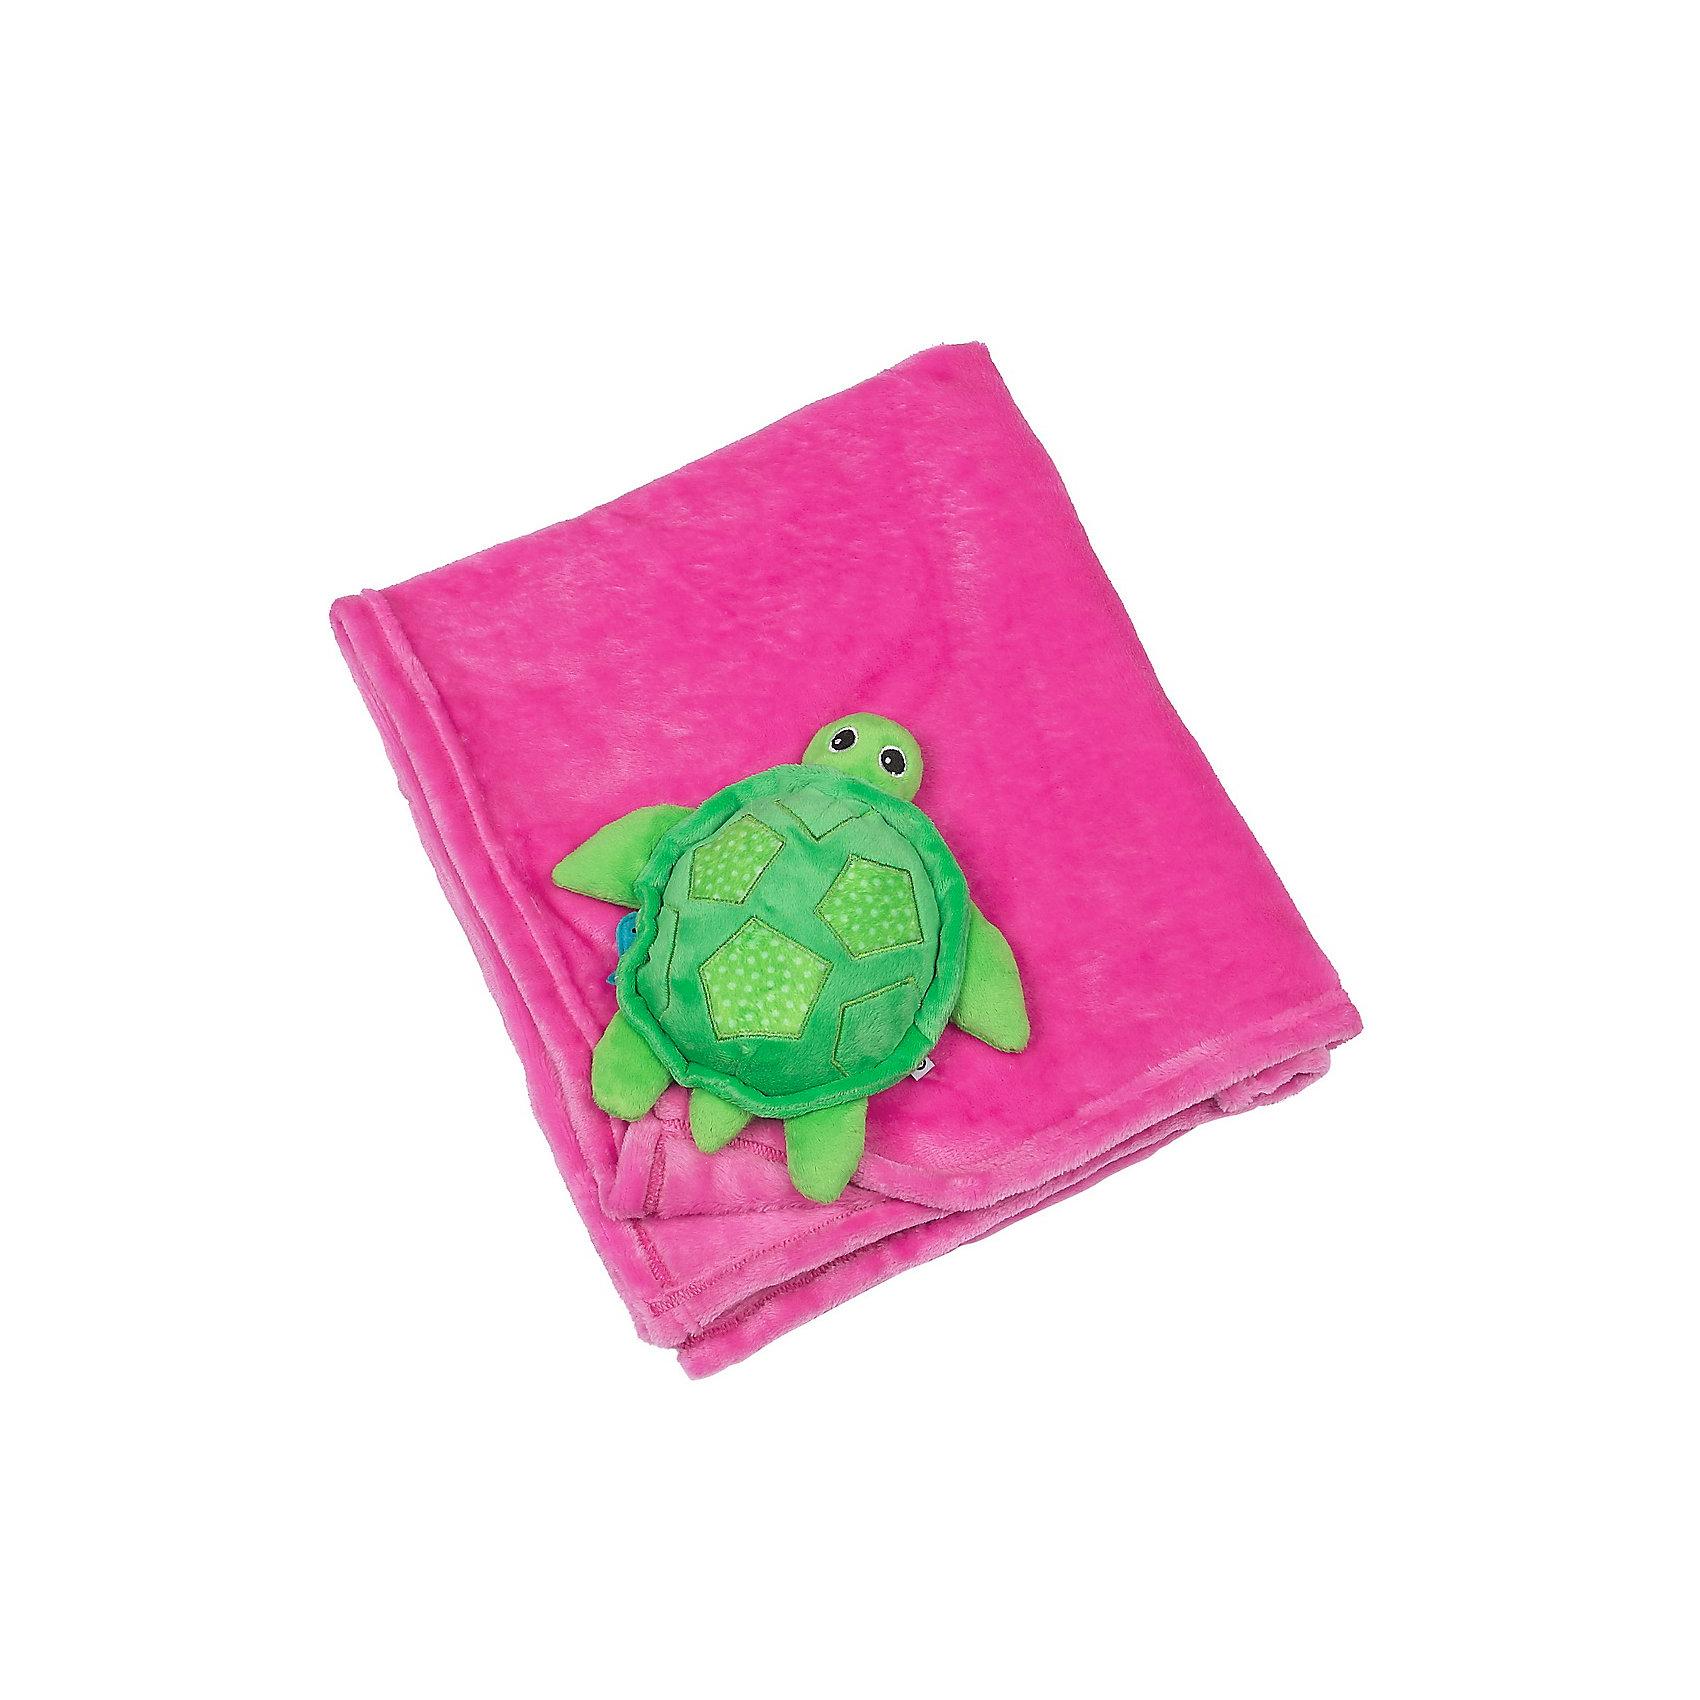 Одеяло с игрушкой Черепашка, Zoocchini, розовыйОдеяла, пледы<br>Одеяло с игрушкой Черепашка, розовый от американского бренда Zoocchini (Зукинни) поможет в оформлении интерьера детской комнаты и приведет в восторг вашего ребенка. Яркий розовый цвет одеяла и мягкая подружка черепашка на уголке будут радовать глаз и развлекать, а мягкая плюшевая ткань очень приятна на ощупь и подарить тепло и комфорт маленькому крохе. Одеяло можно брать с собой на природу, в машину или в коляску во время прогулки прохладным вечером. <br>Дополнительная информация:<br>- Состав: 100% полиэстер<br>- Размер: 68,5 * 99 см.<br>Одеяло с игрушкой Черепашка, розовый Zoocchini(Зукини) можно купить в нашем интернет-магазине.<br>Подробнее:<br>• Для детей в возрасте: от 0 до 3 лет<br>• Номер товара: 4976012<br>Страна производитель: Китай<br><br>Ширина мм: 255<br>Глубина мм: 75<br>Высота мм: 255<br>Вес г: 418<br>Возраст от месяцев: 0<br>Возраст до месяцев: 36<br>Пол: Унисекс<br>Возраст: Детский<br>SKU: 4976012